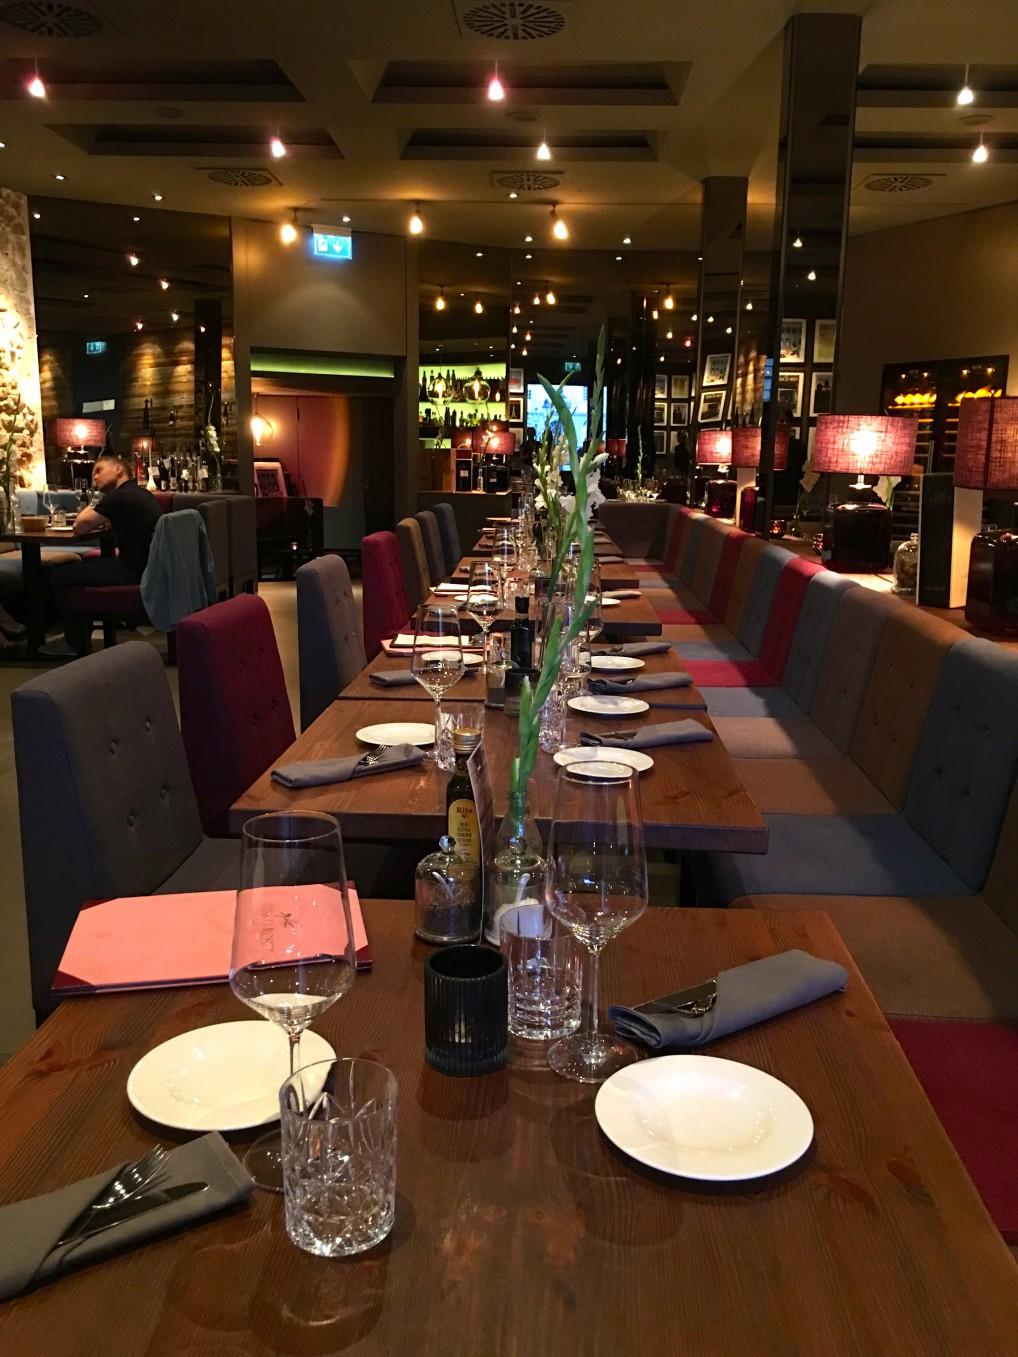 Interiør, bord og stoler og tallerkner fra restaurant